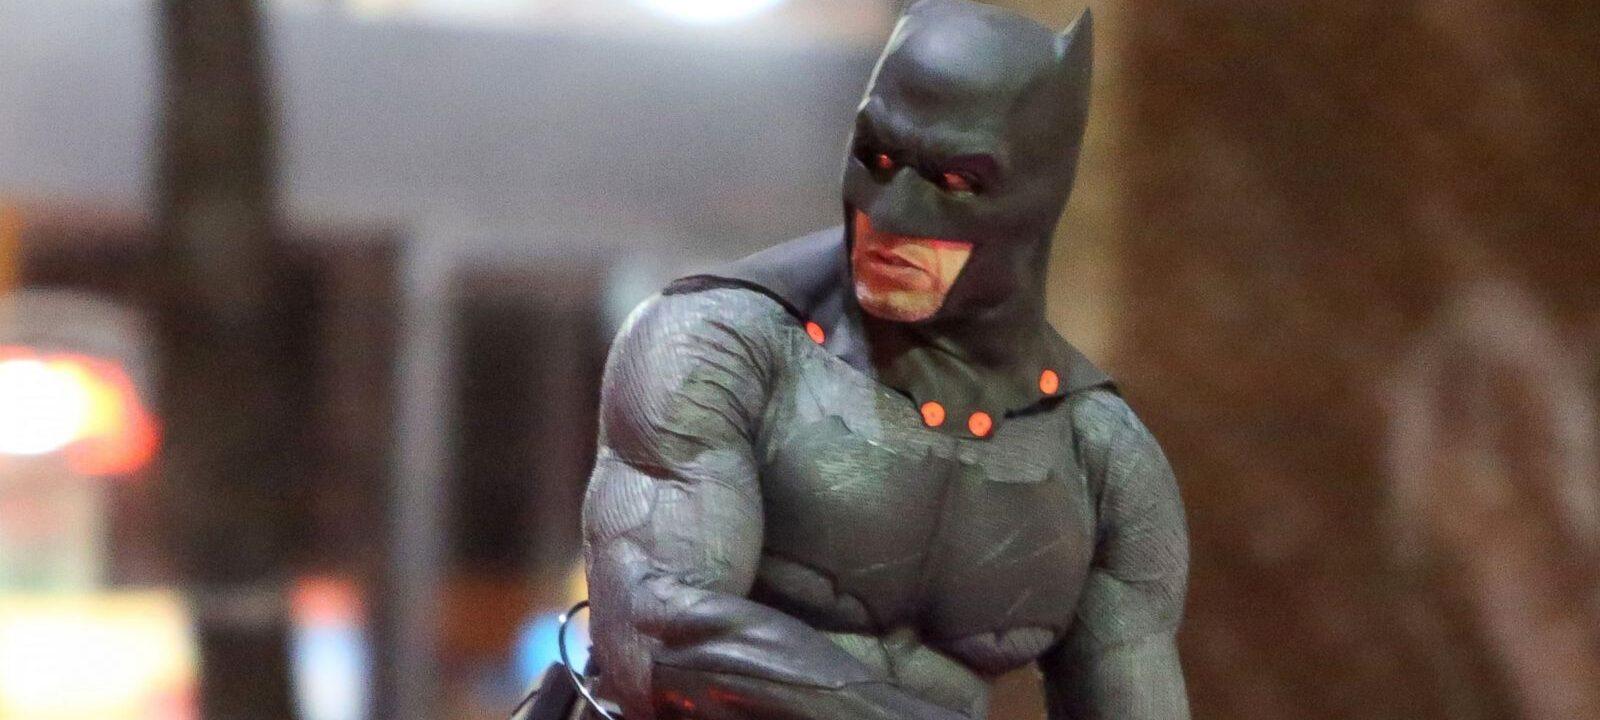 Ayer Cut; David Ayer; Batman; Esquadrão Suicida